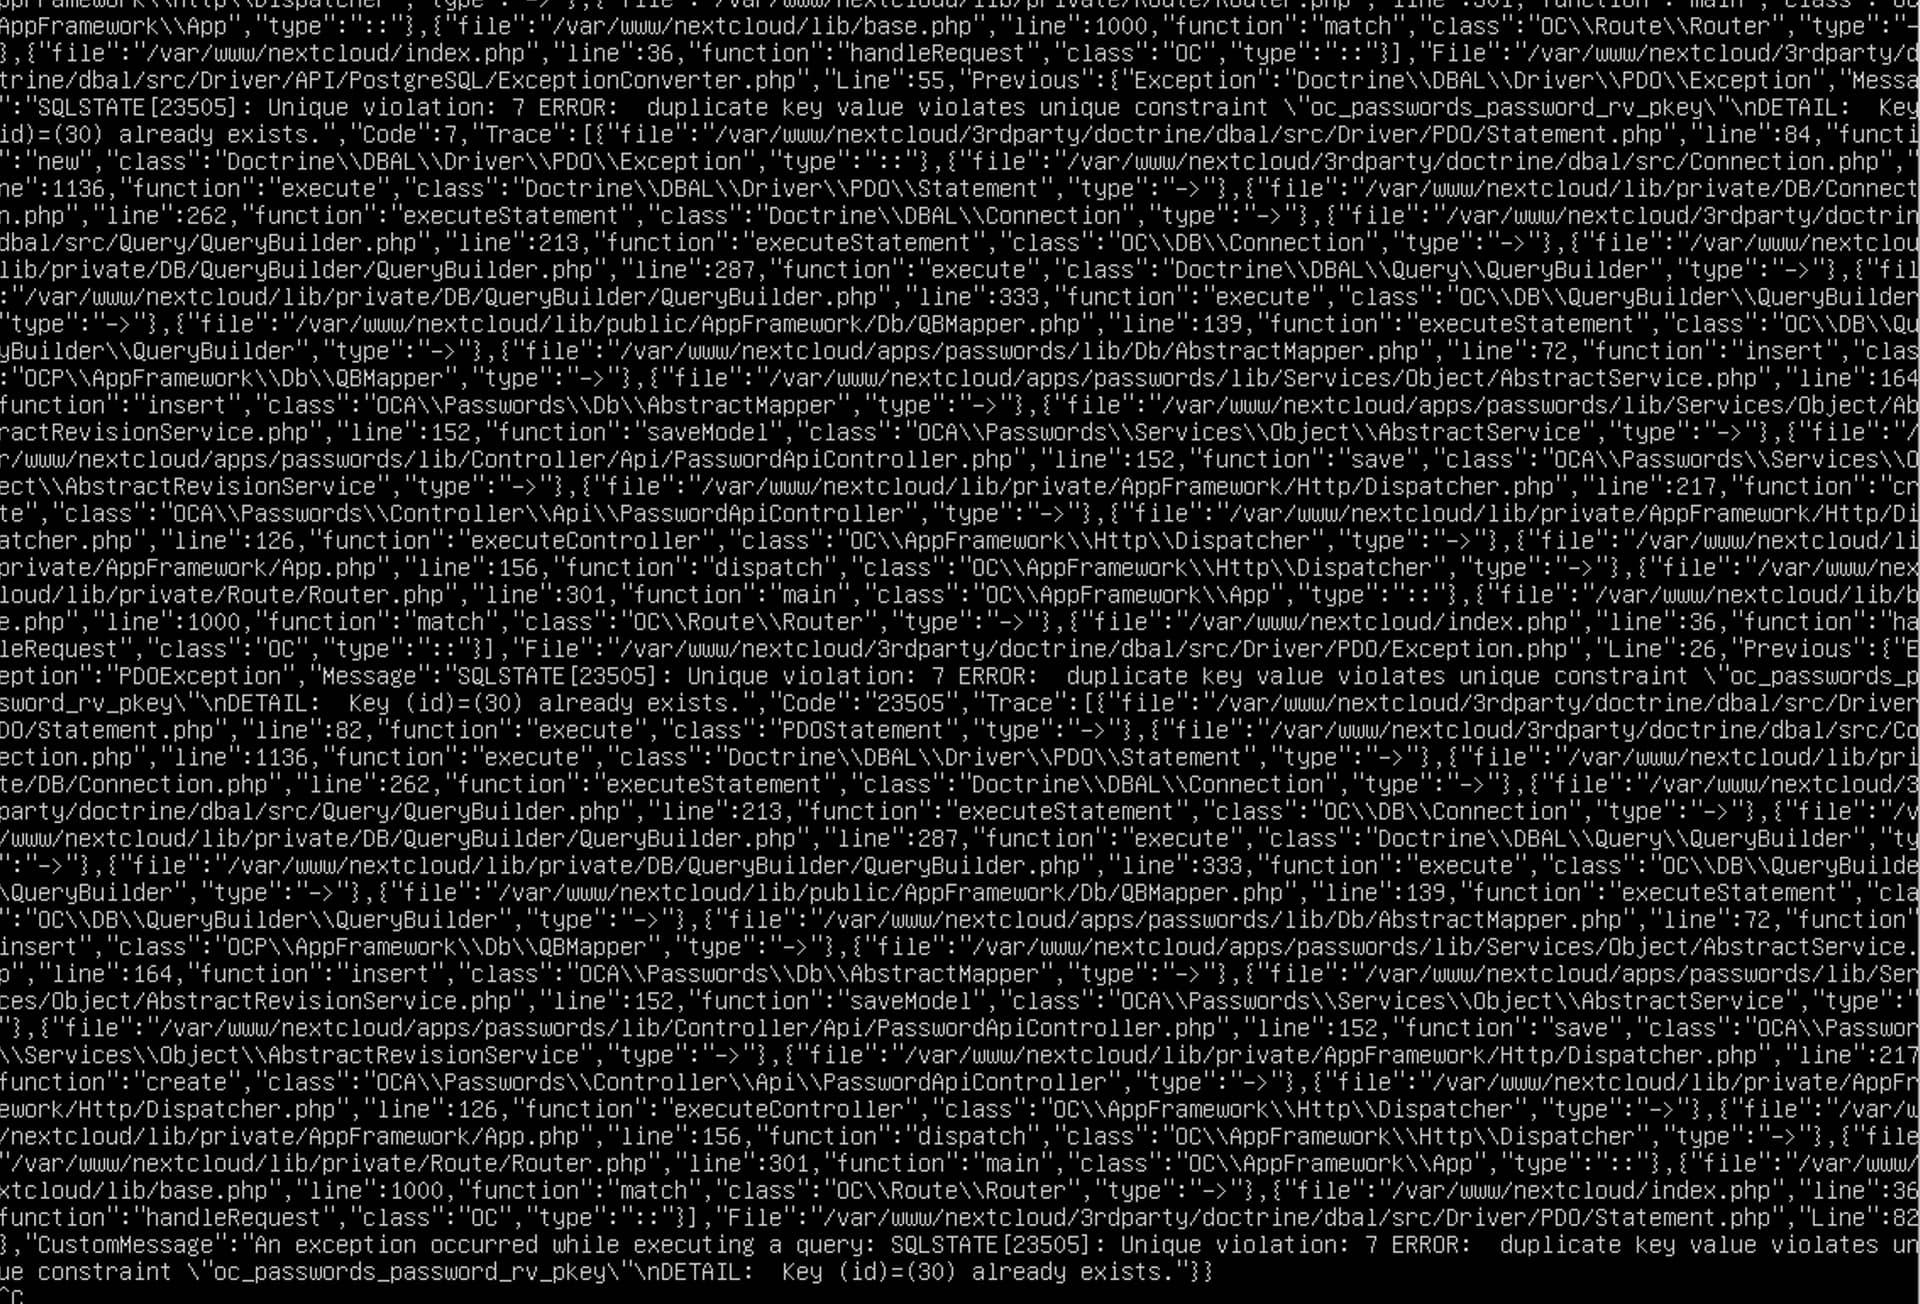 Screenshot 2021-10-09 at 14.38.39